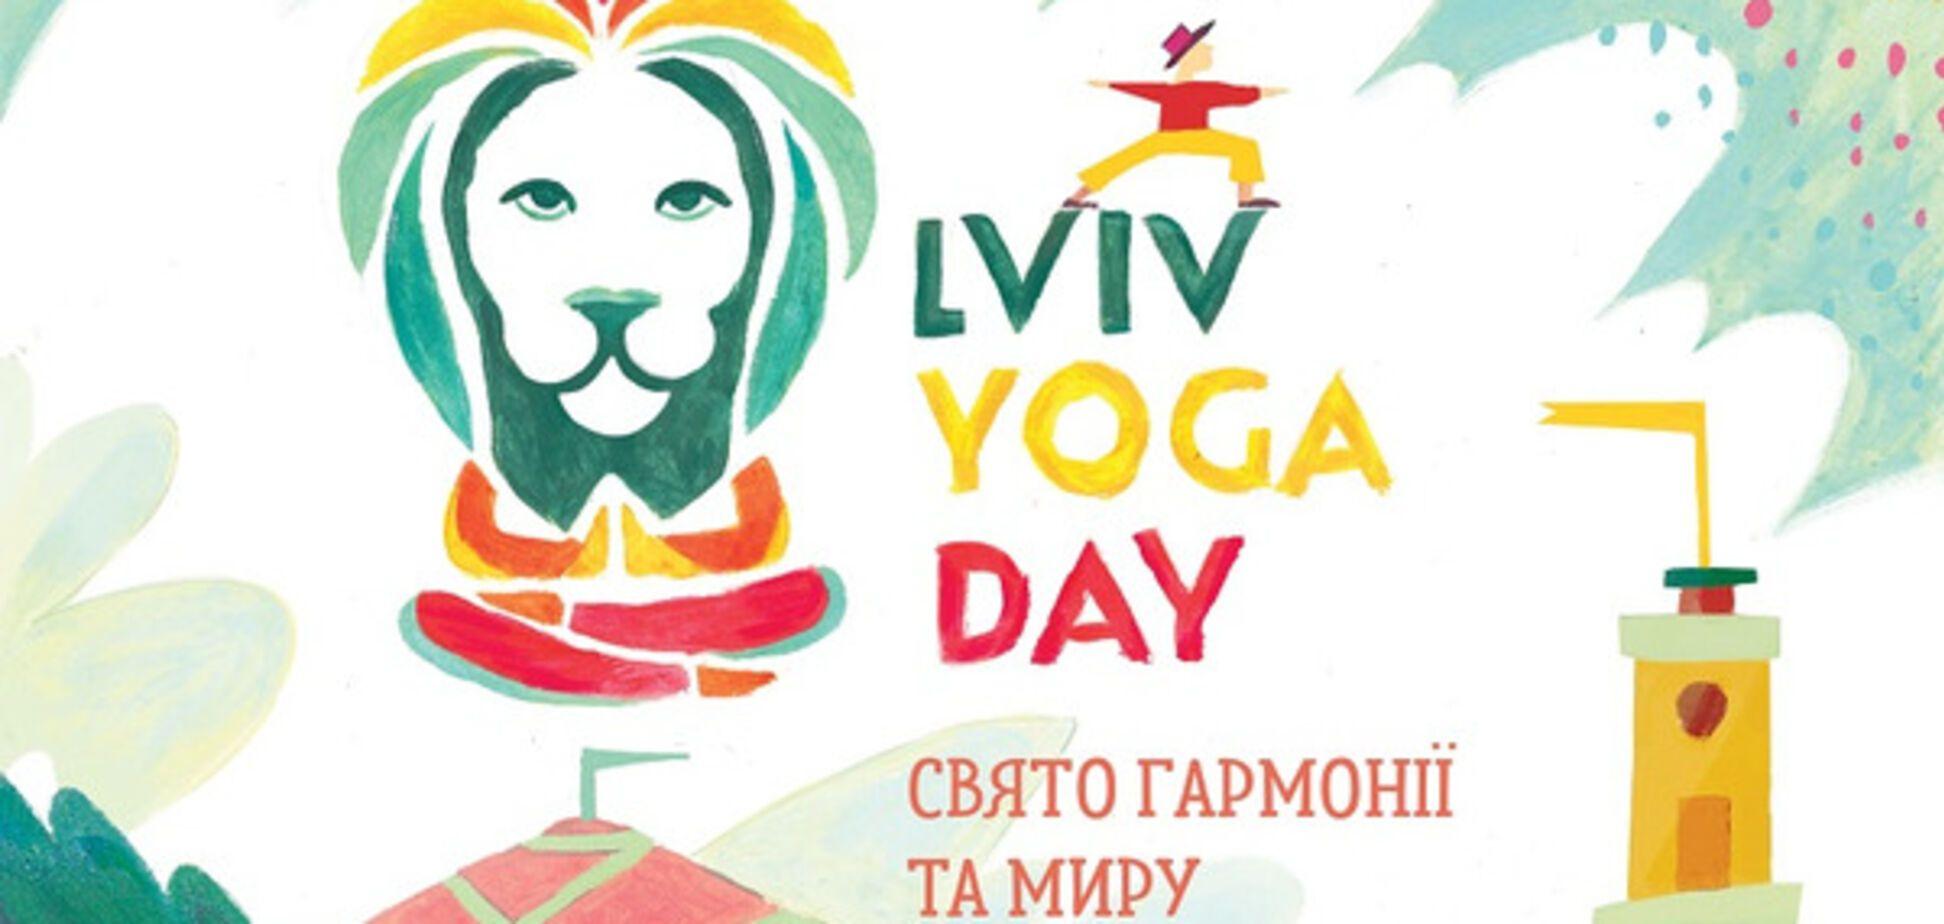 17 и 18 июня во Львове состоится событие гармонии, радости и творчества